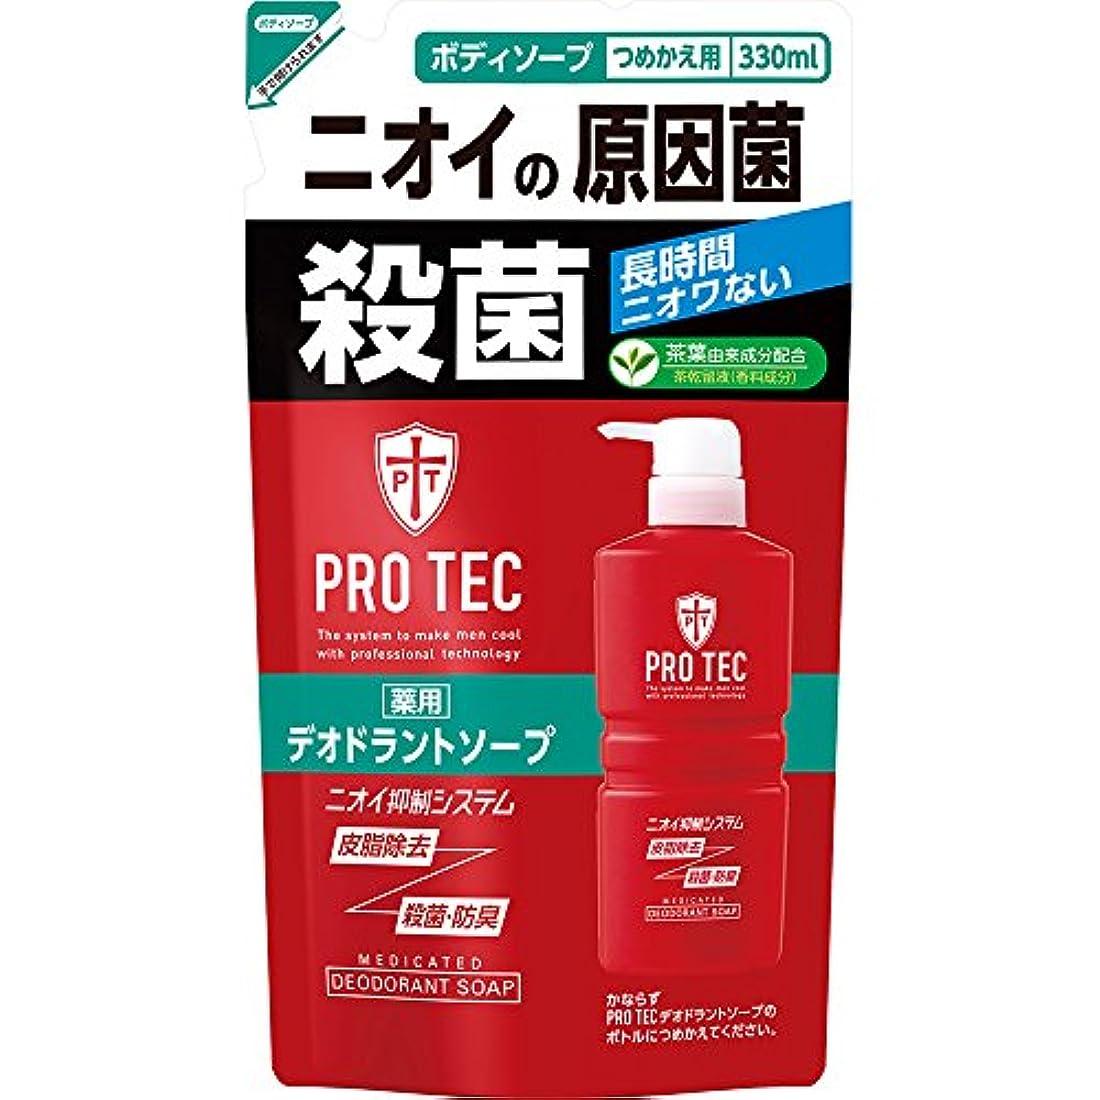 踏みつけ狐タヒチPRO TEC(プロテク) デオドラントソープ 詰め替え 330ml(医薬部外品)